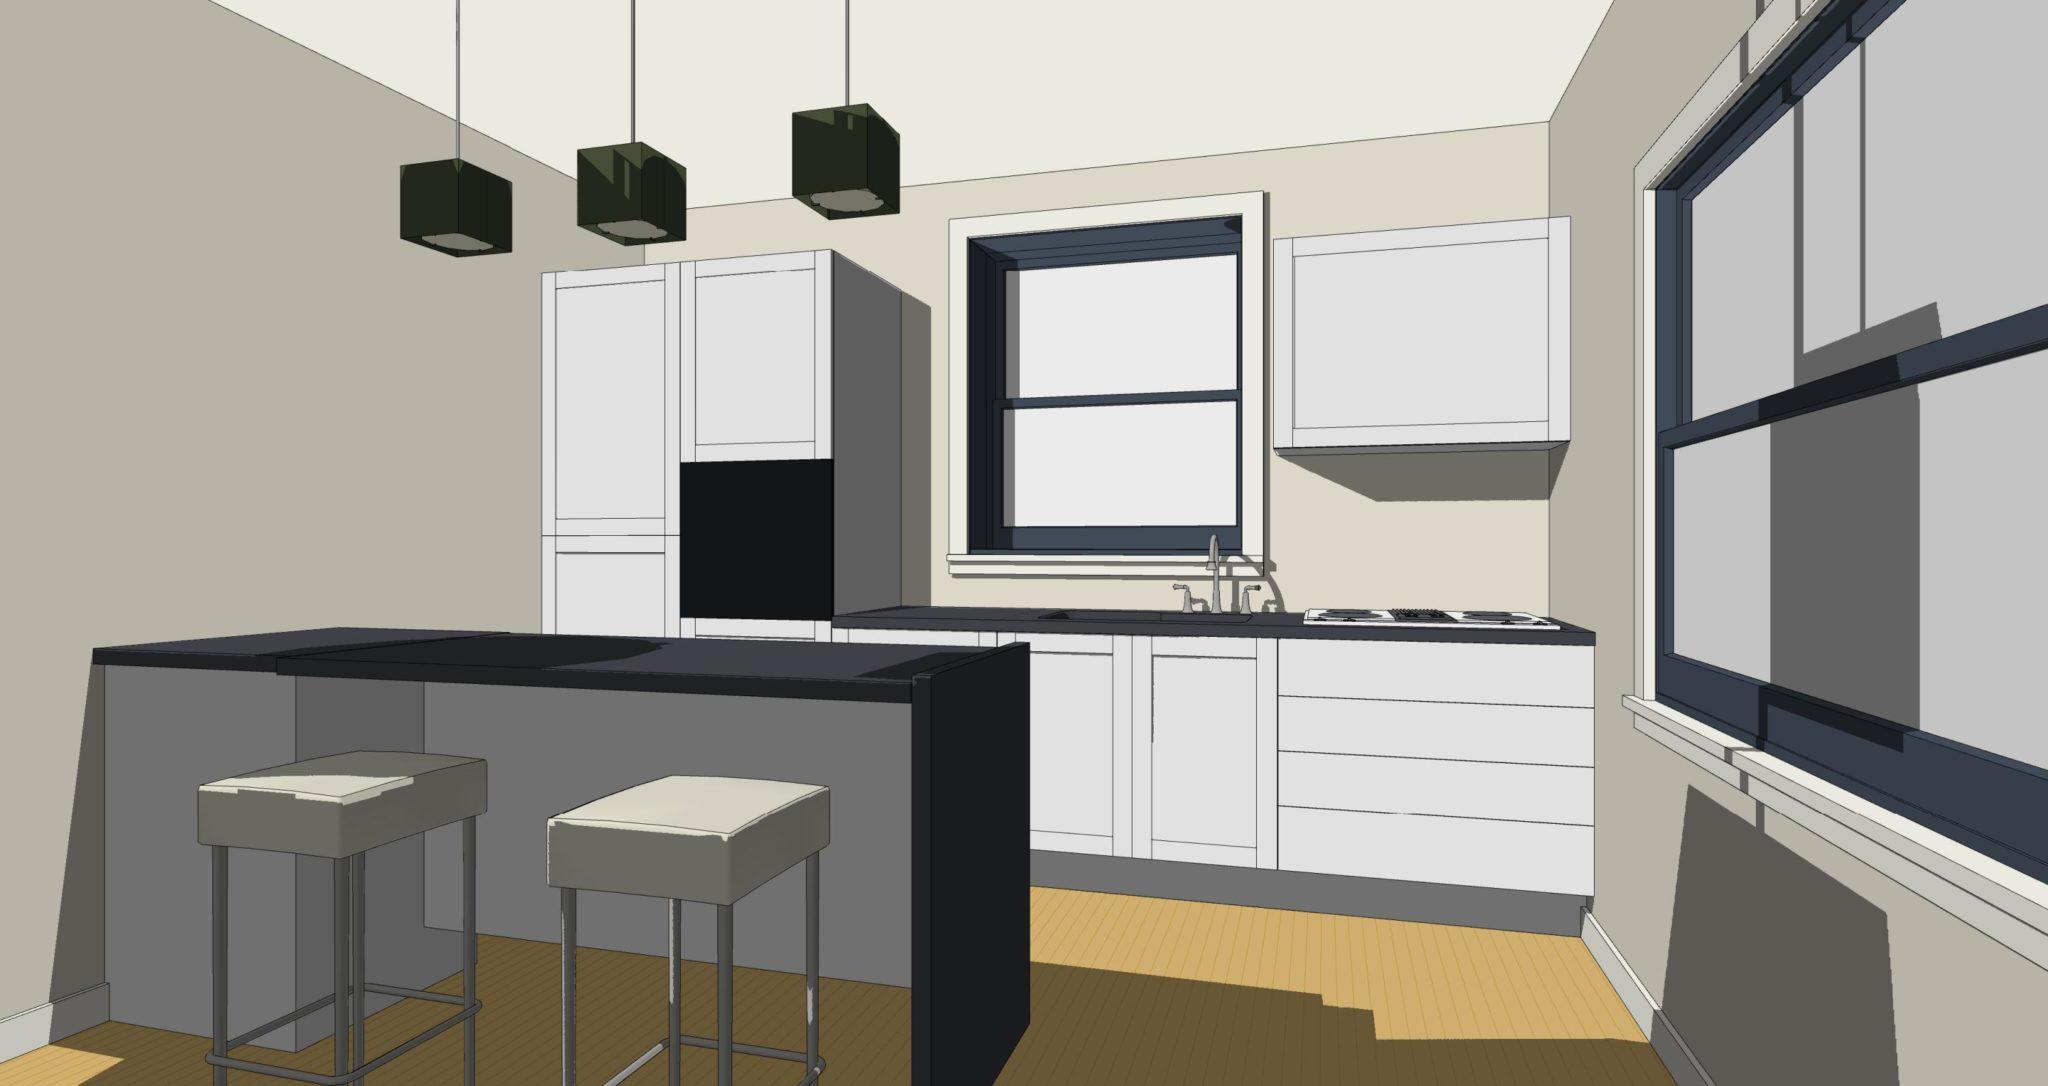 Mattonelle in cucina cheap mattonelle cucina pavimenti in ceramica scegliere le for mattonelle - Piastrelle cucina genova ...